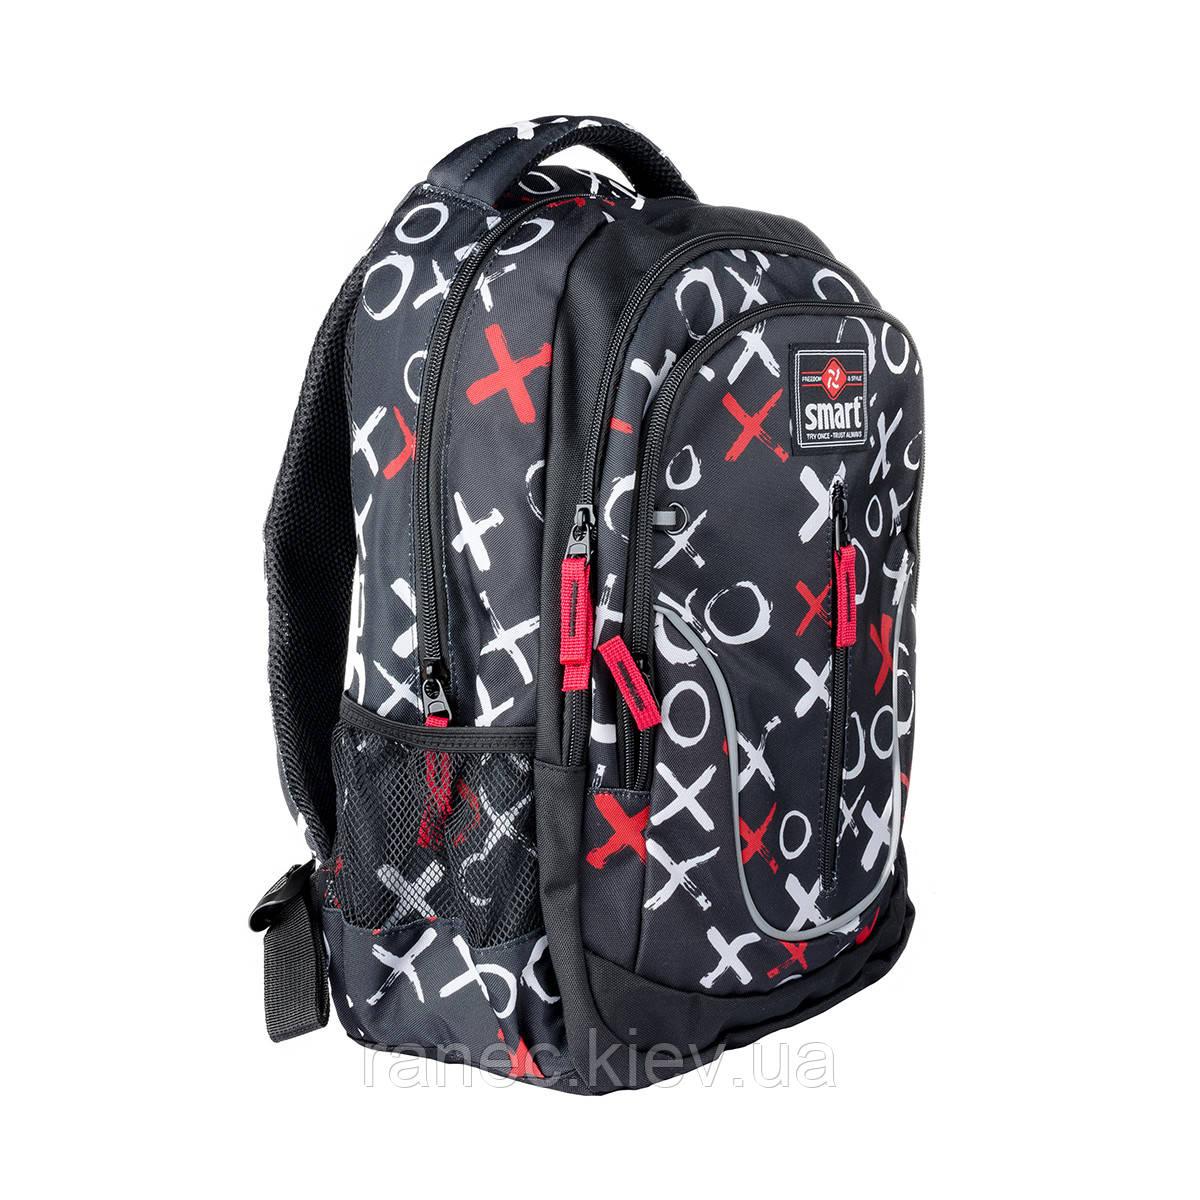 Рюкзак школьный SMART TN-07 Global черн/бел  558633